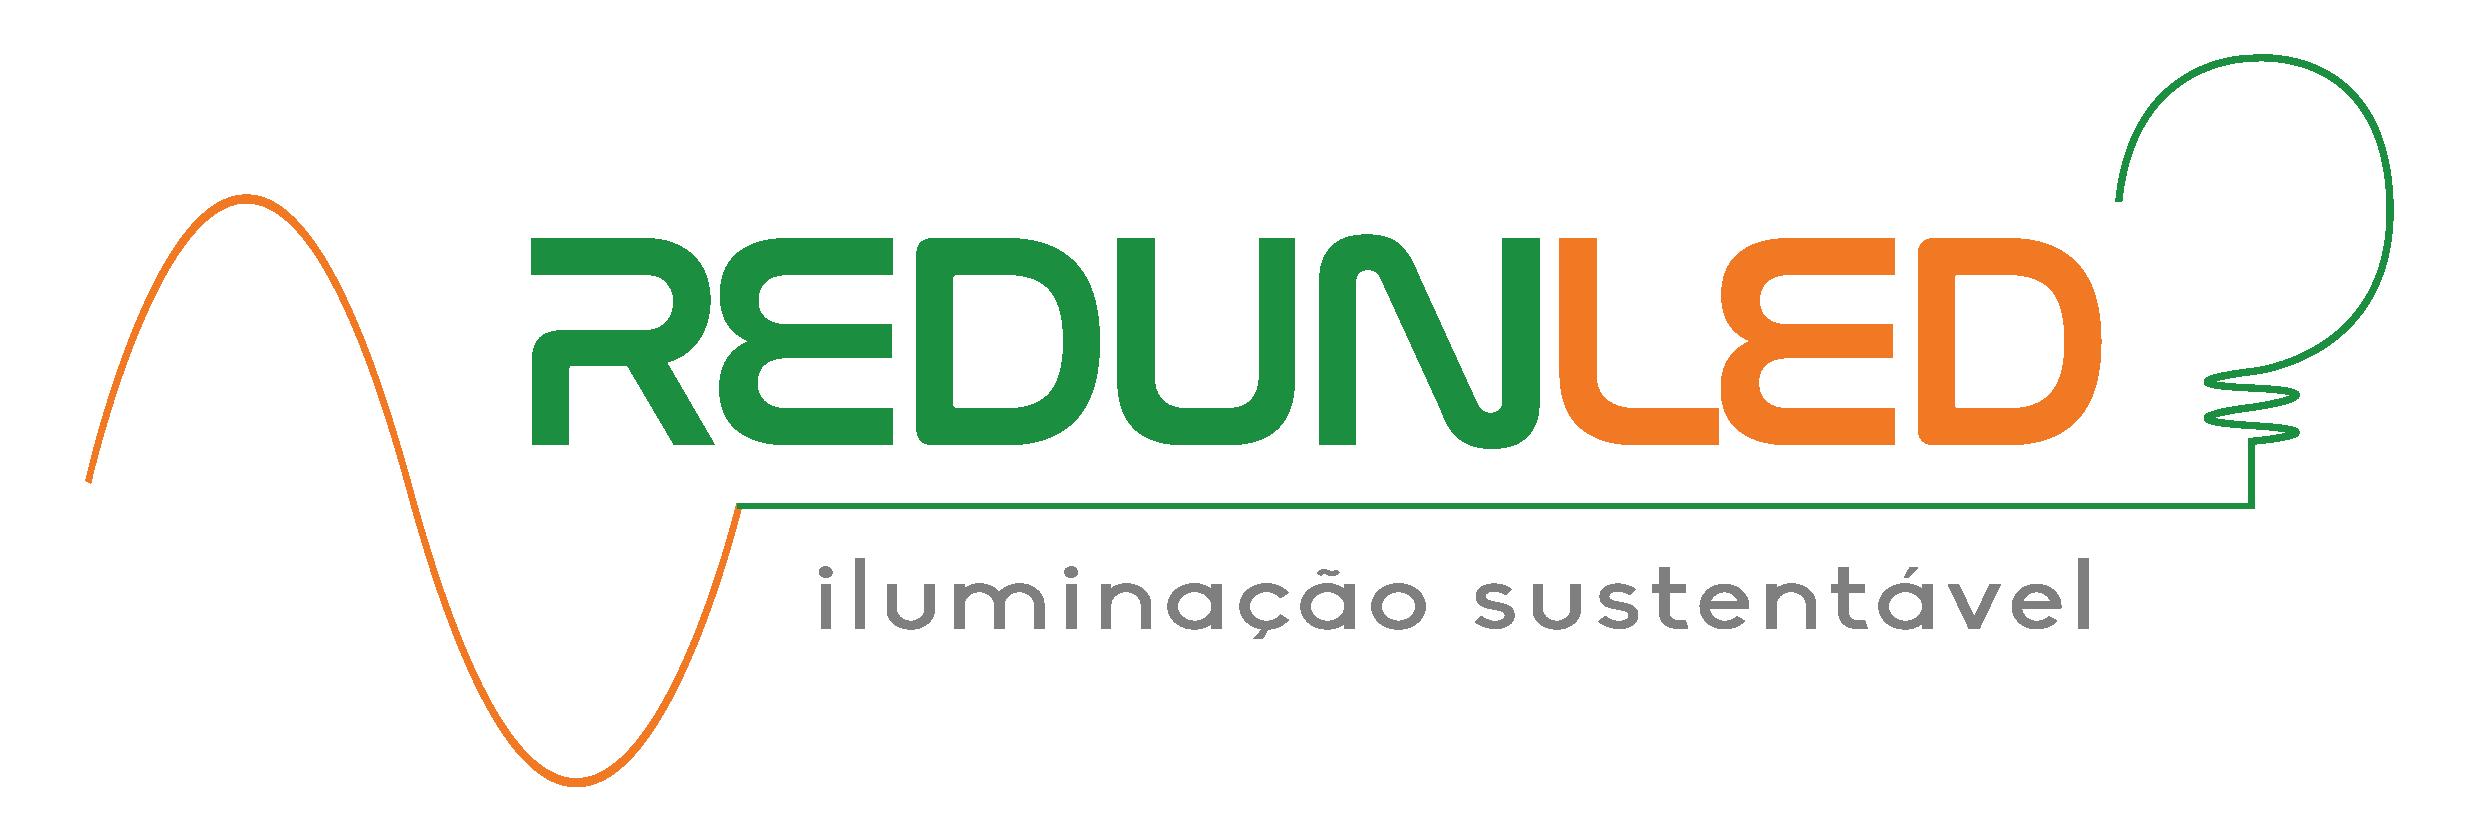 RedunLed